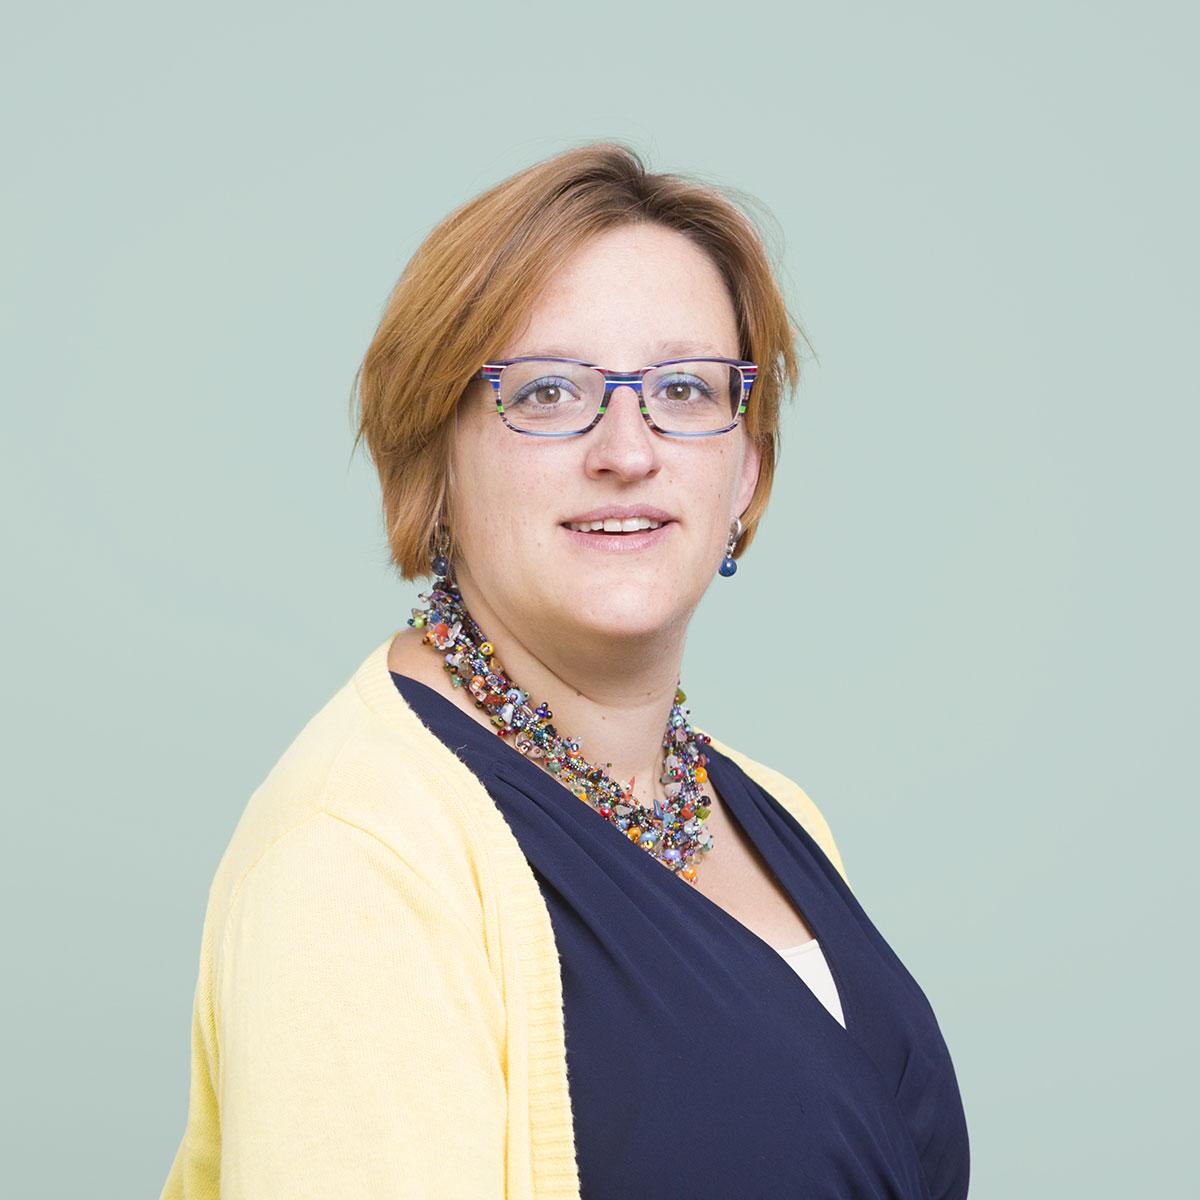 Ingrid van den Broek